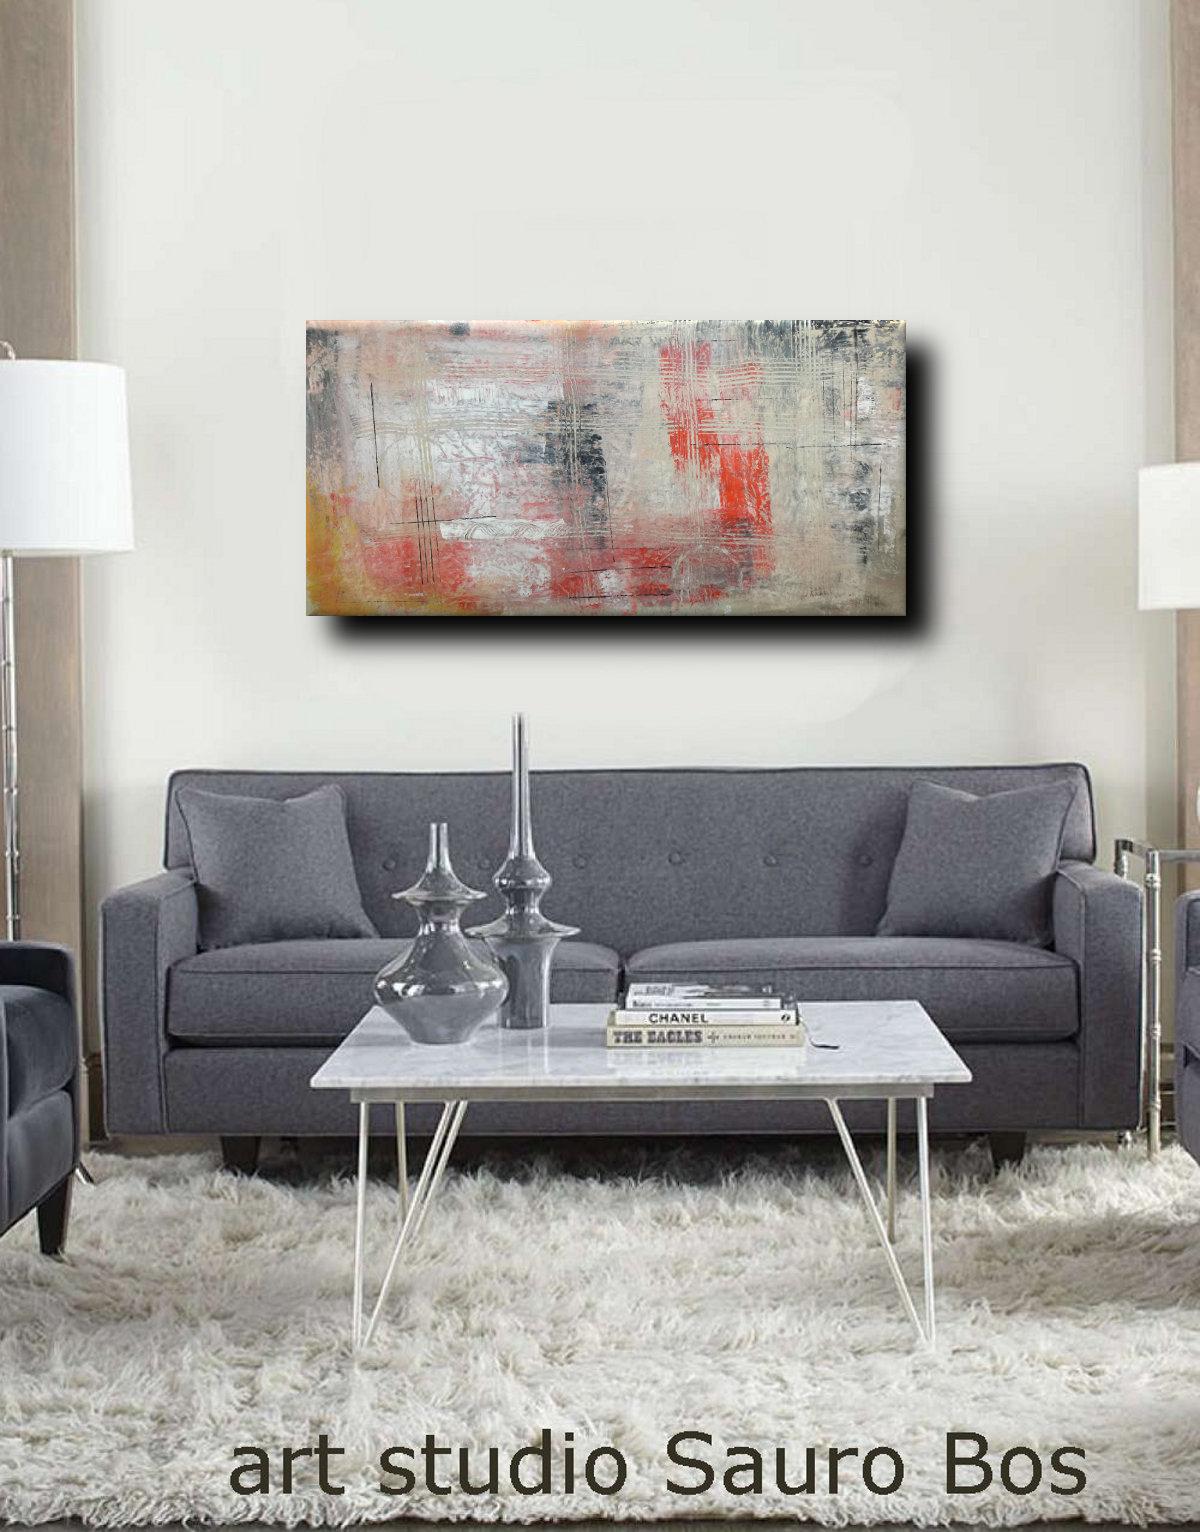 astratto C036 divgrigio - quadri moderni ad olio colorati su tela grandi dimensioni 120x60x4